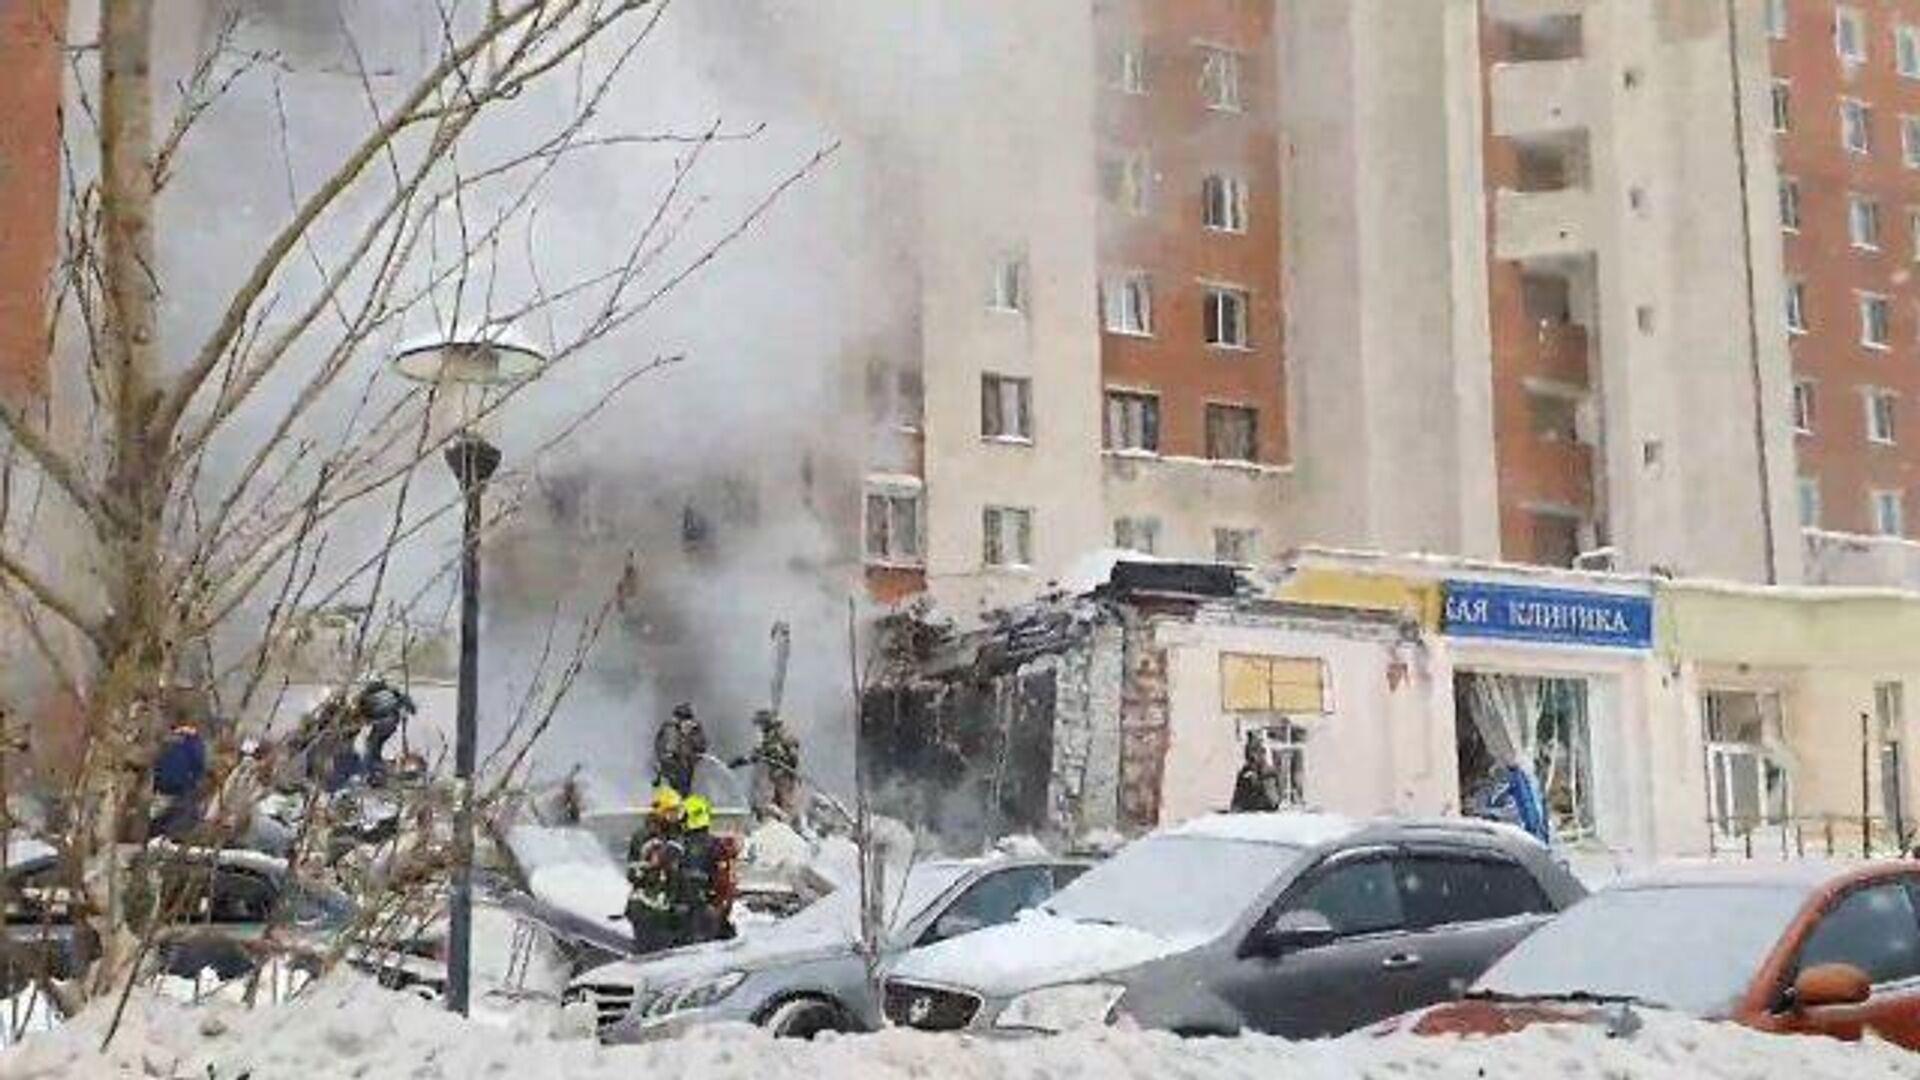 Работа спасательных бригад на месте взрыва в Нижнем Новгороде - РИА Новости, 1920, 26.02.2021